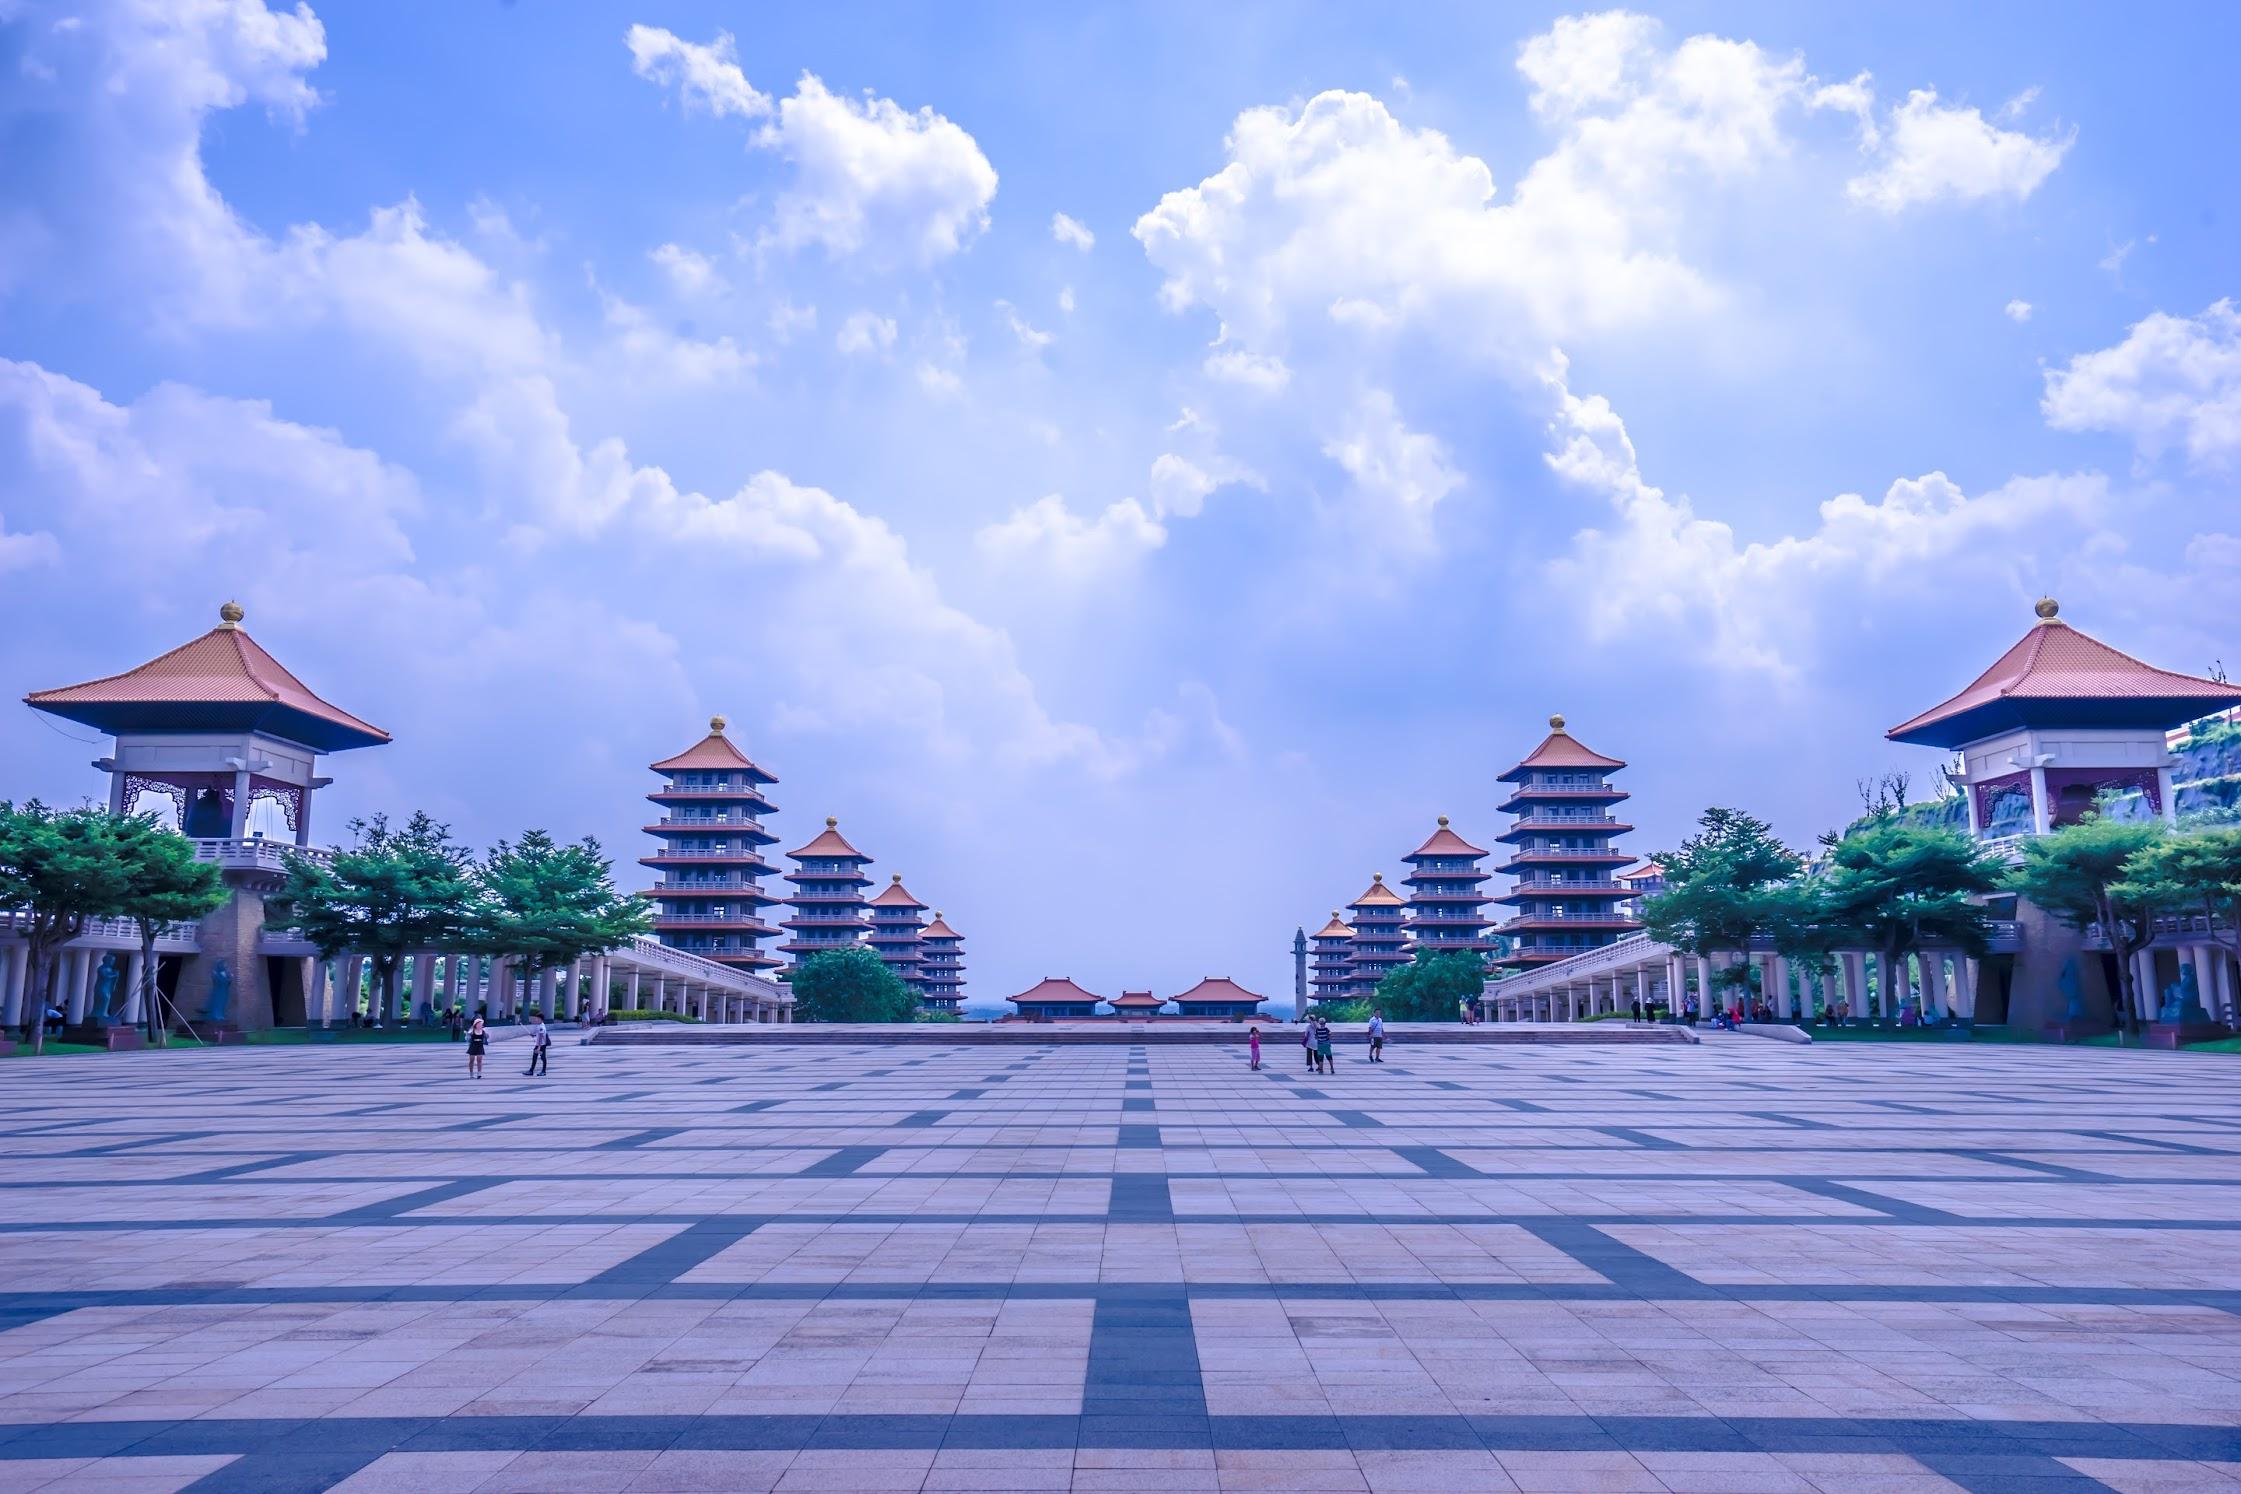 台湾 高雄 佛光山佛陀紀念館5